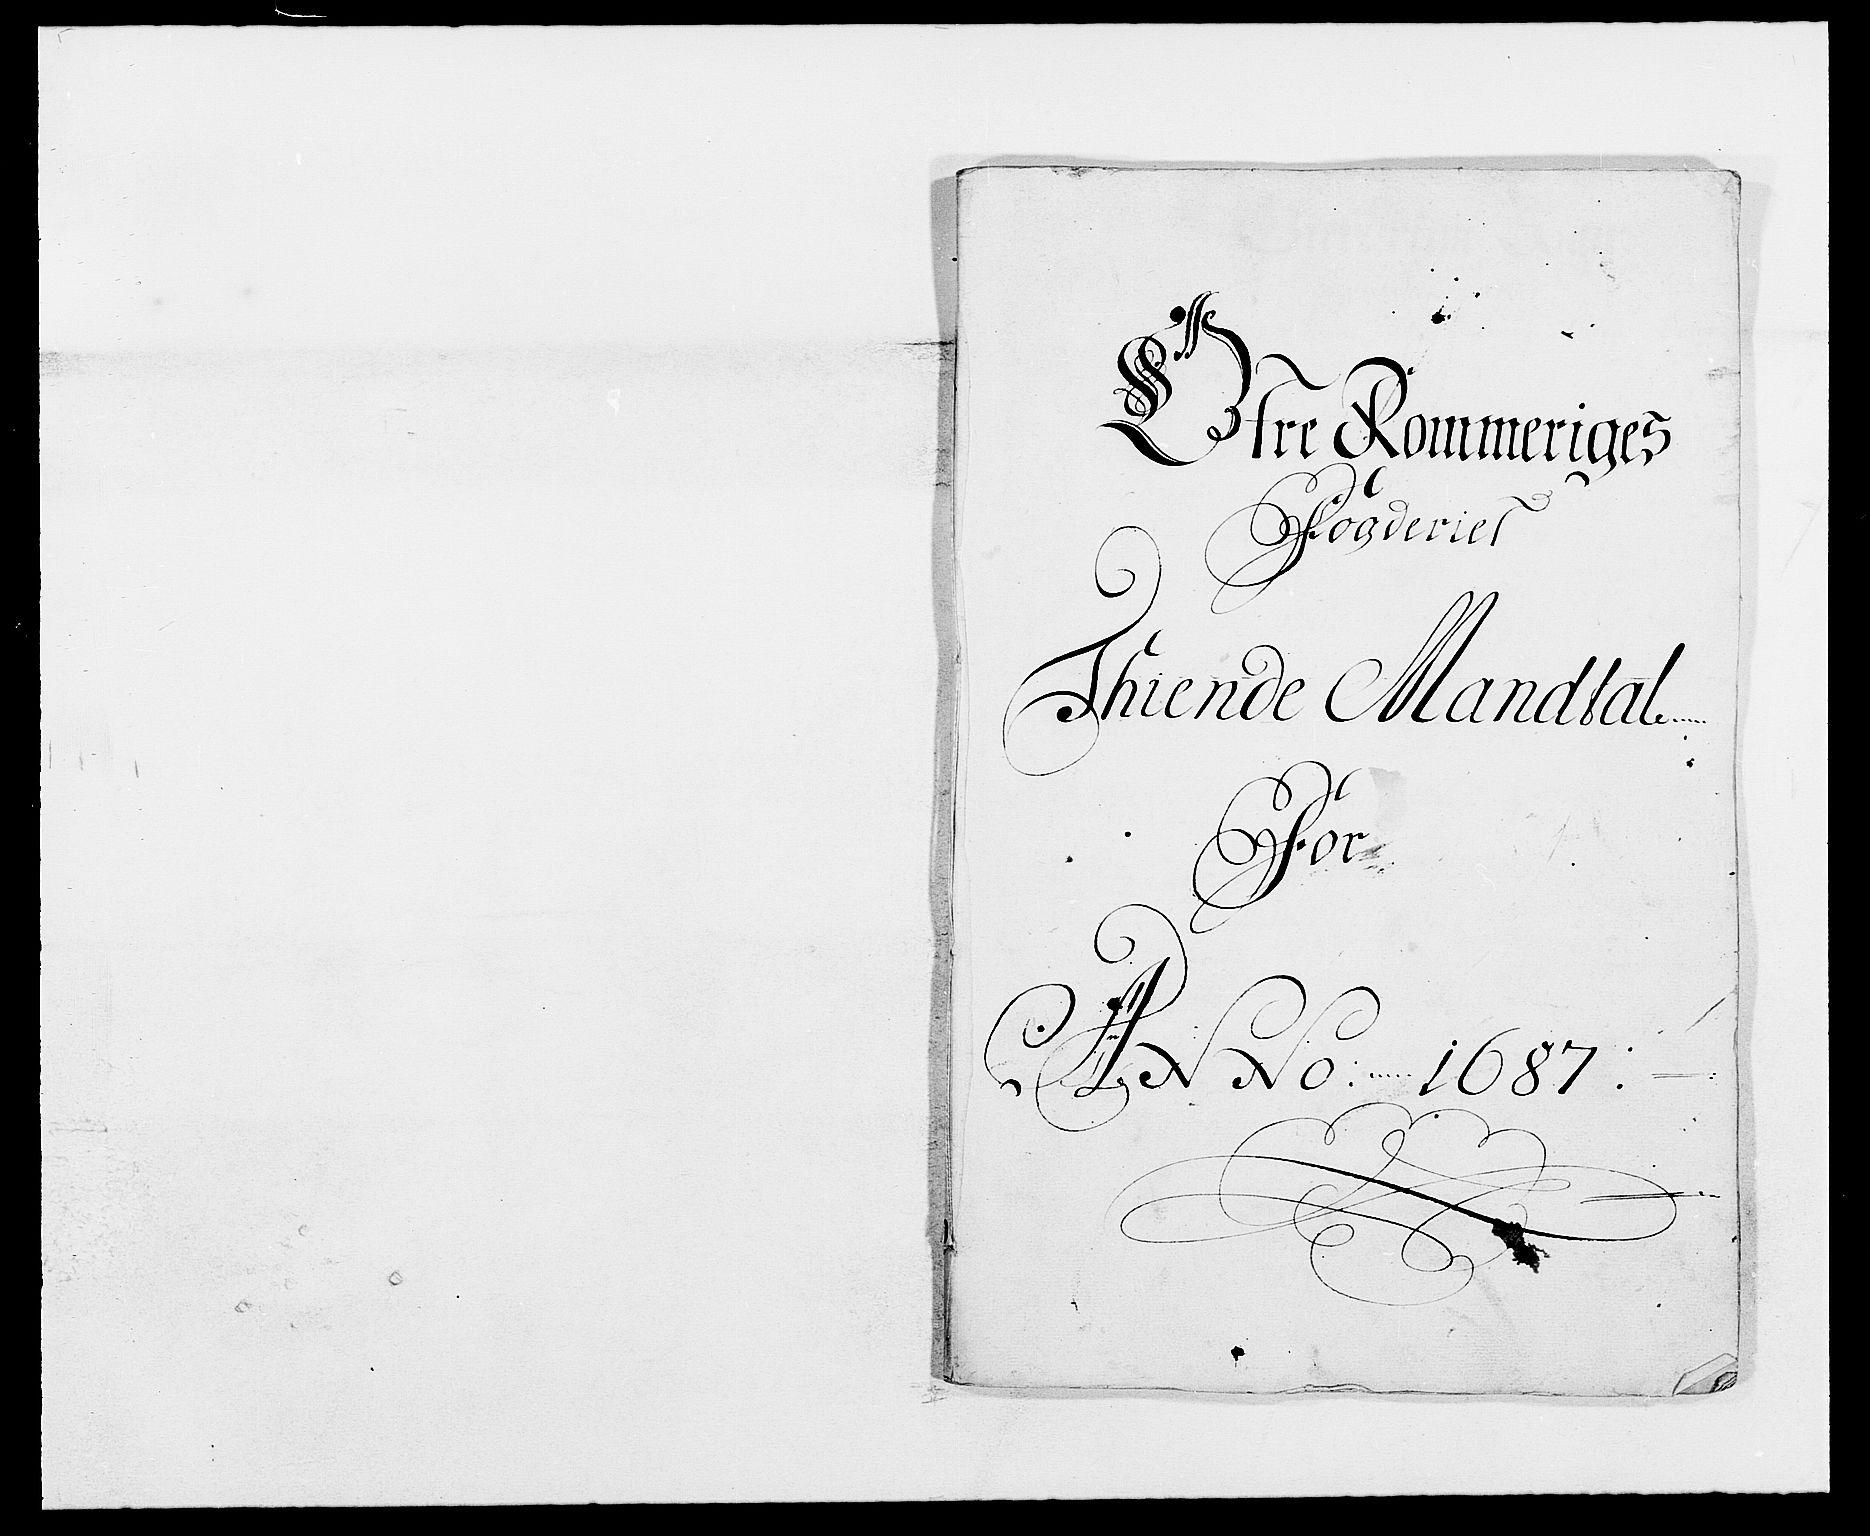 RA, Rentekammeret inntil 1814, Reviderte regnskaper, Fogderegnskap, R12/L0700: Fogderegnskap Øvre Romerike, 1687-1688, s. 22